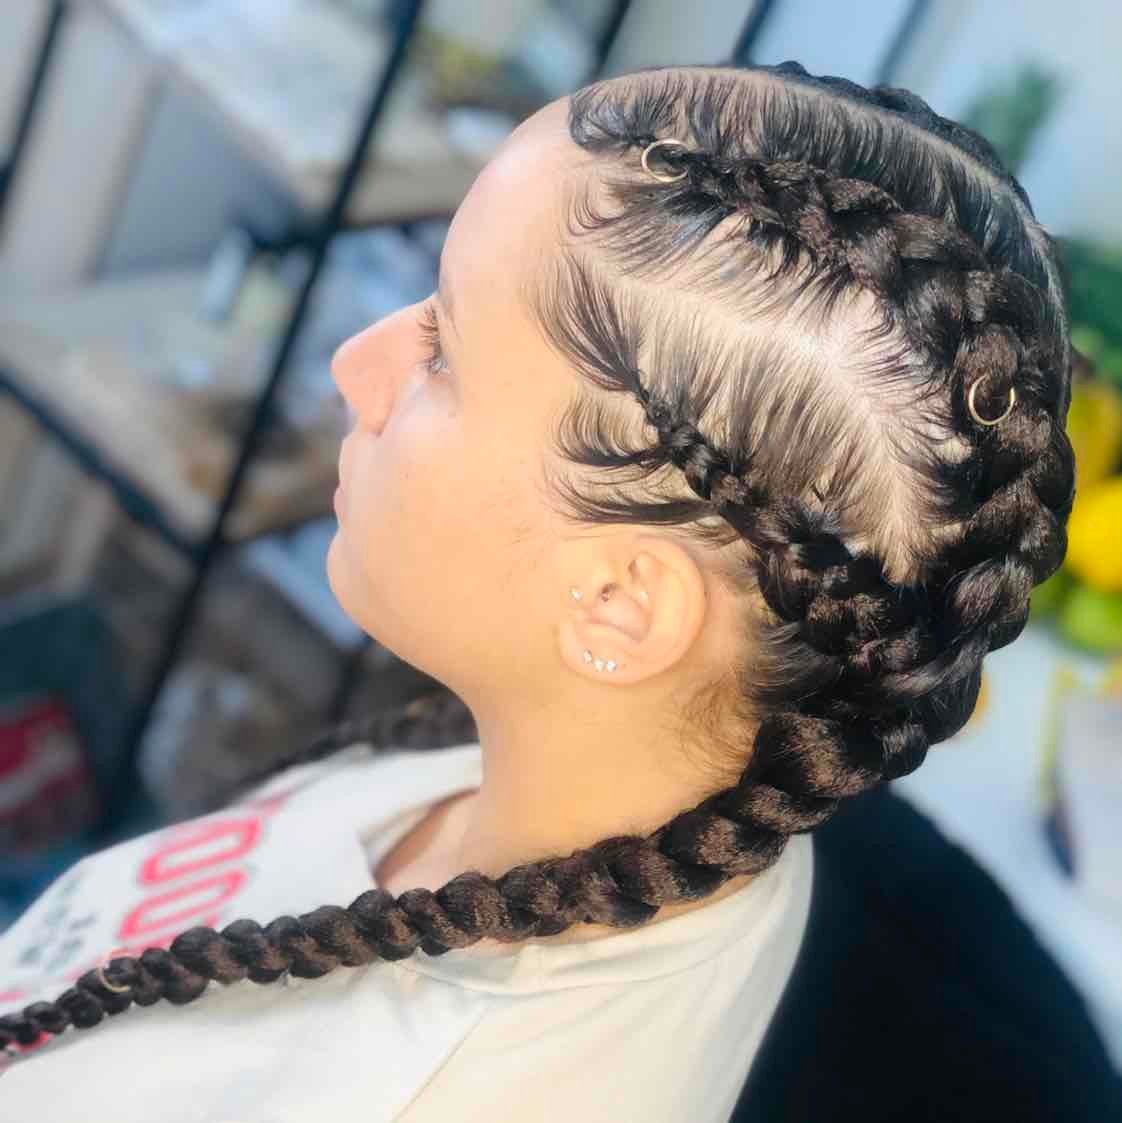 salon de coiffure afro tresse tresses box braids crochet braids vanilles tissages paris 75 77 78 91 92 93 94 95 IMPQIMLW